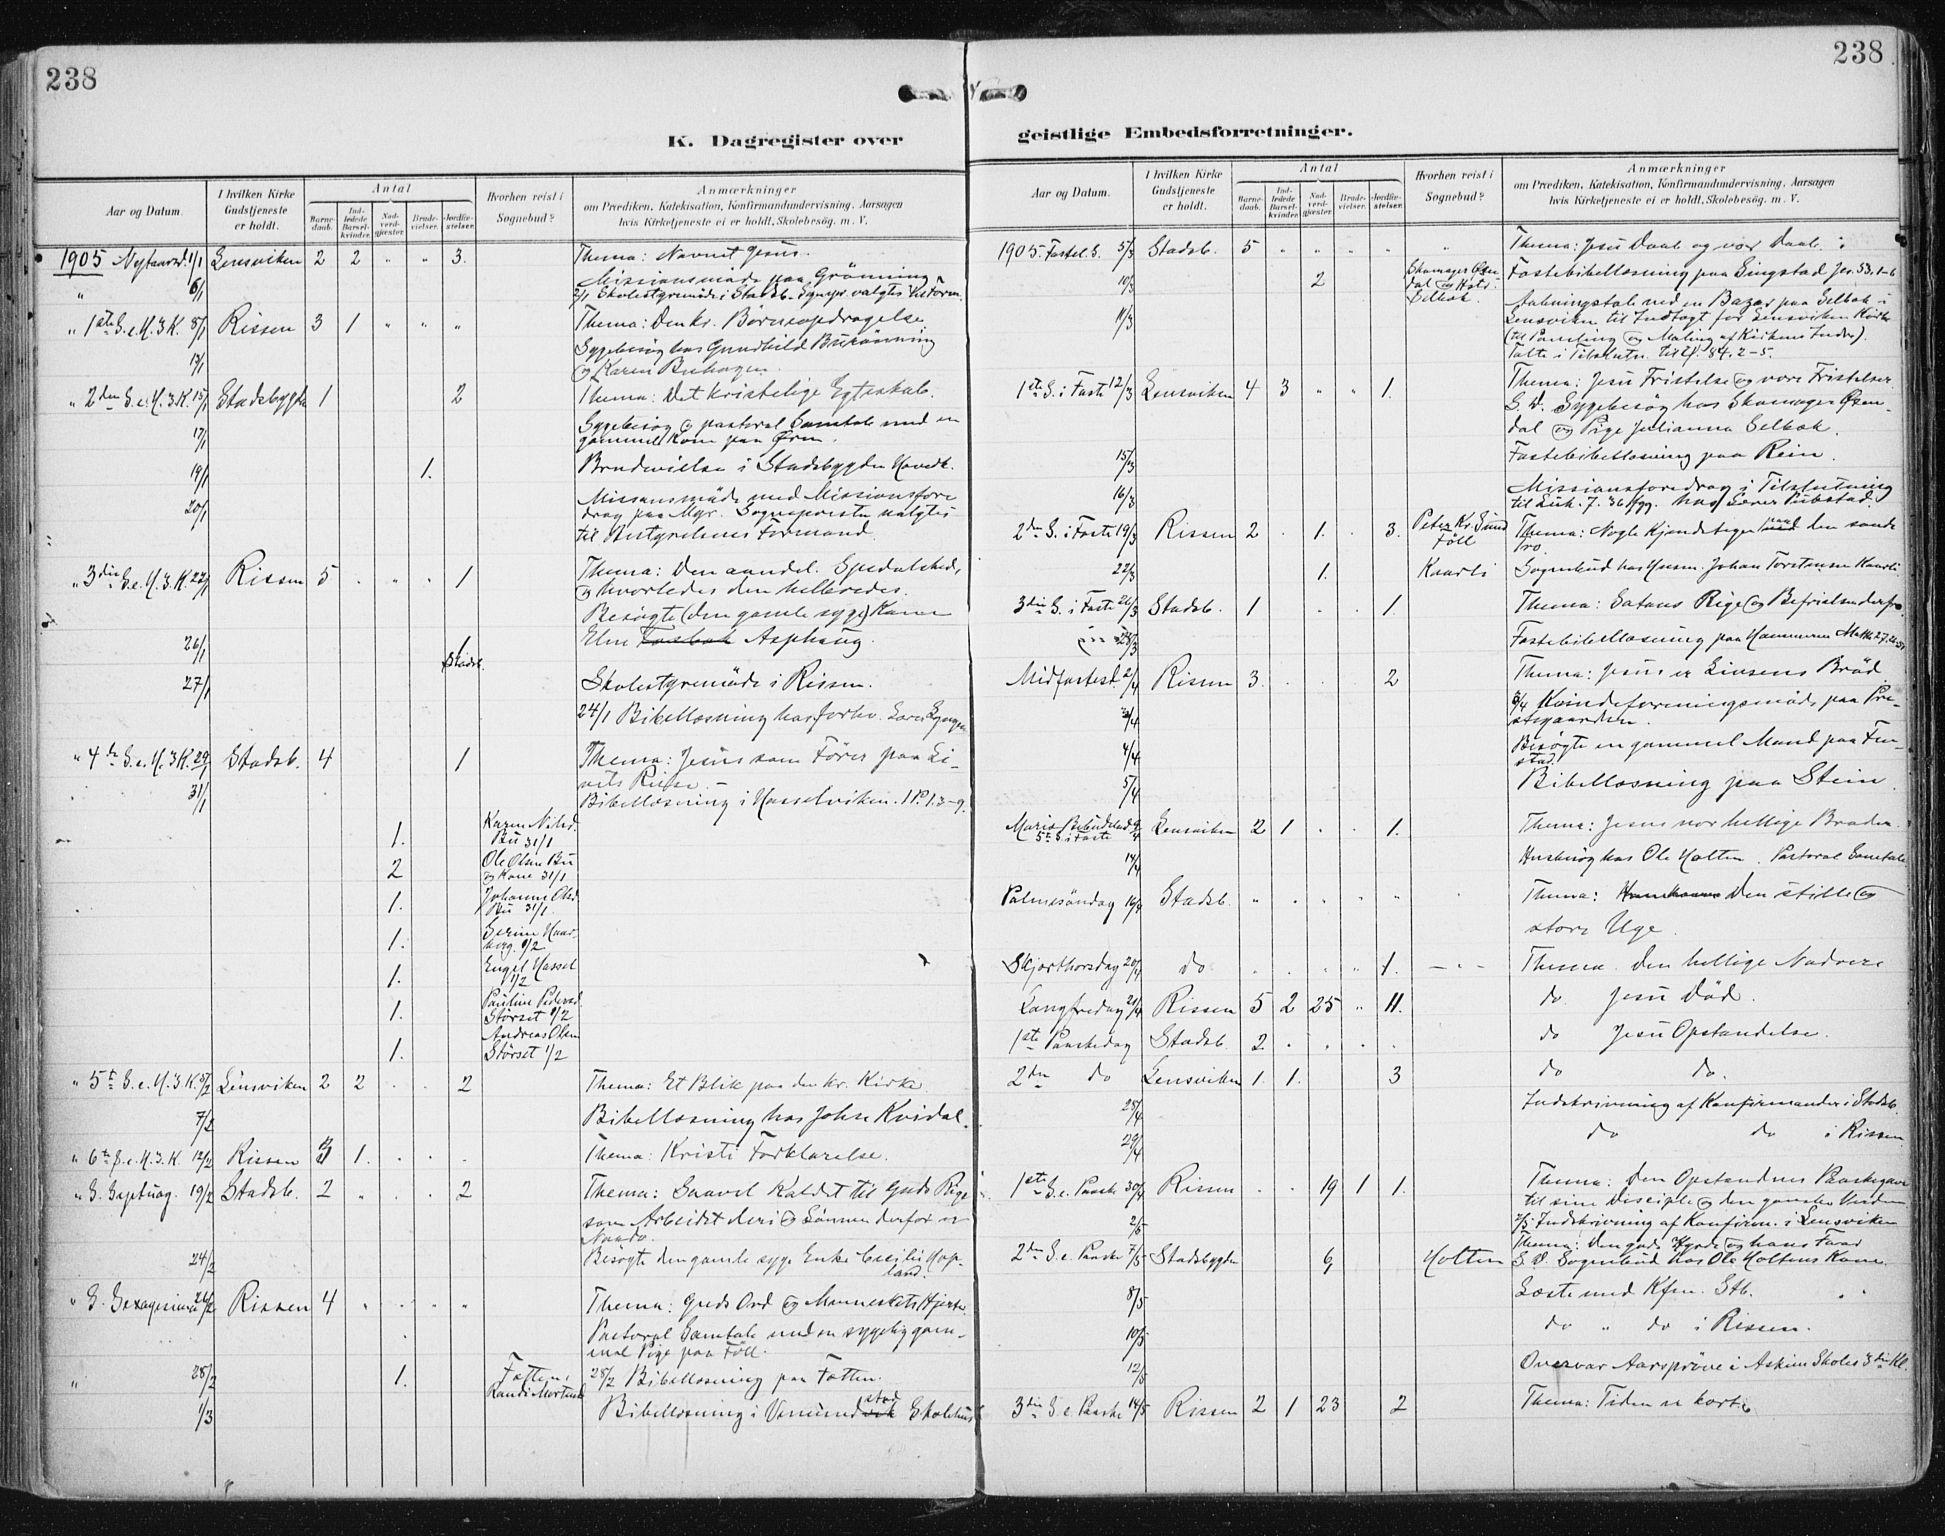 SAT, Ministerialprotokoller, klokkerbøker og fødselsregistre - Sør-Trøndelag, 646/L0616: Ministerialbok nr. 646A14, 1900-1918, s. 238